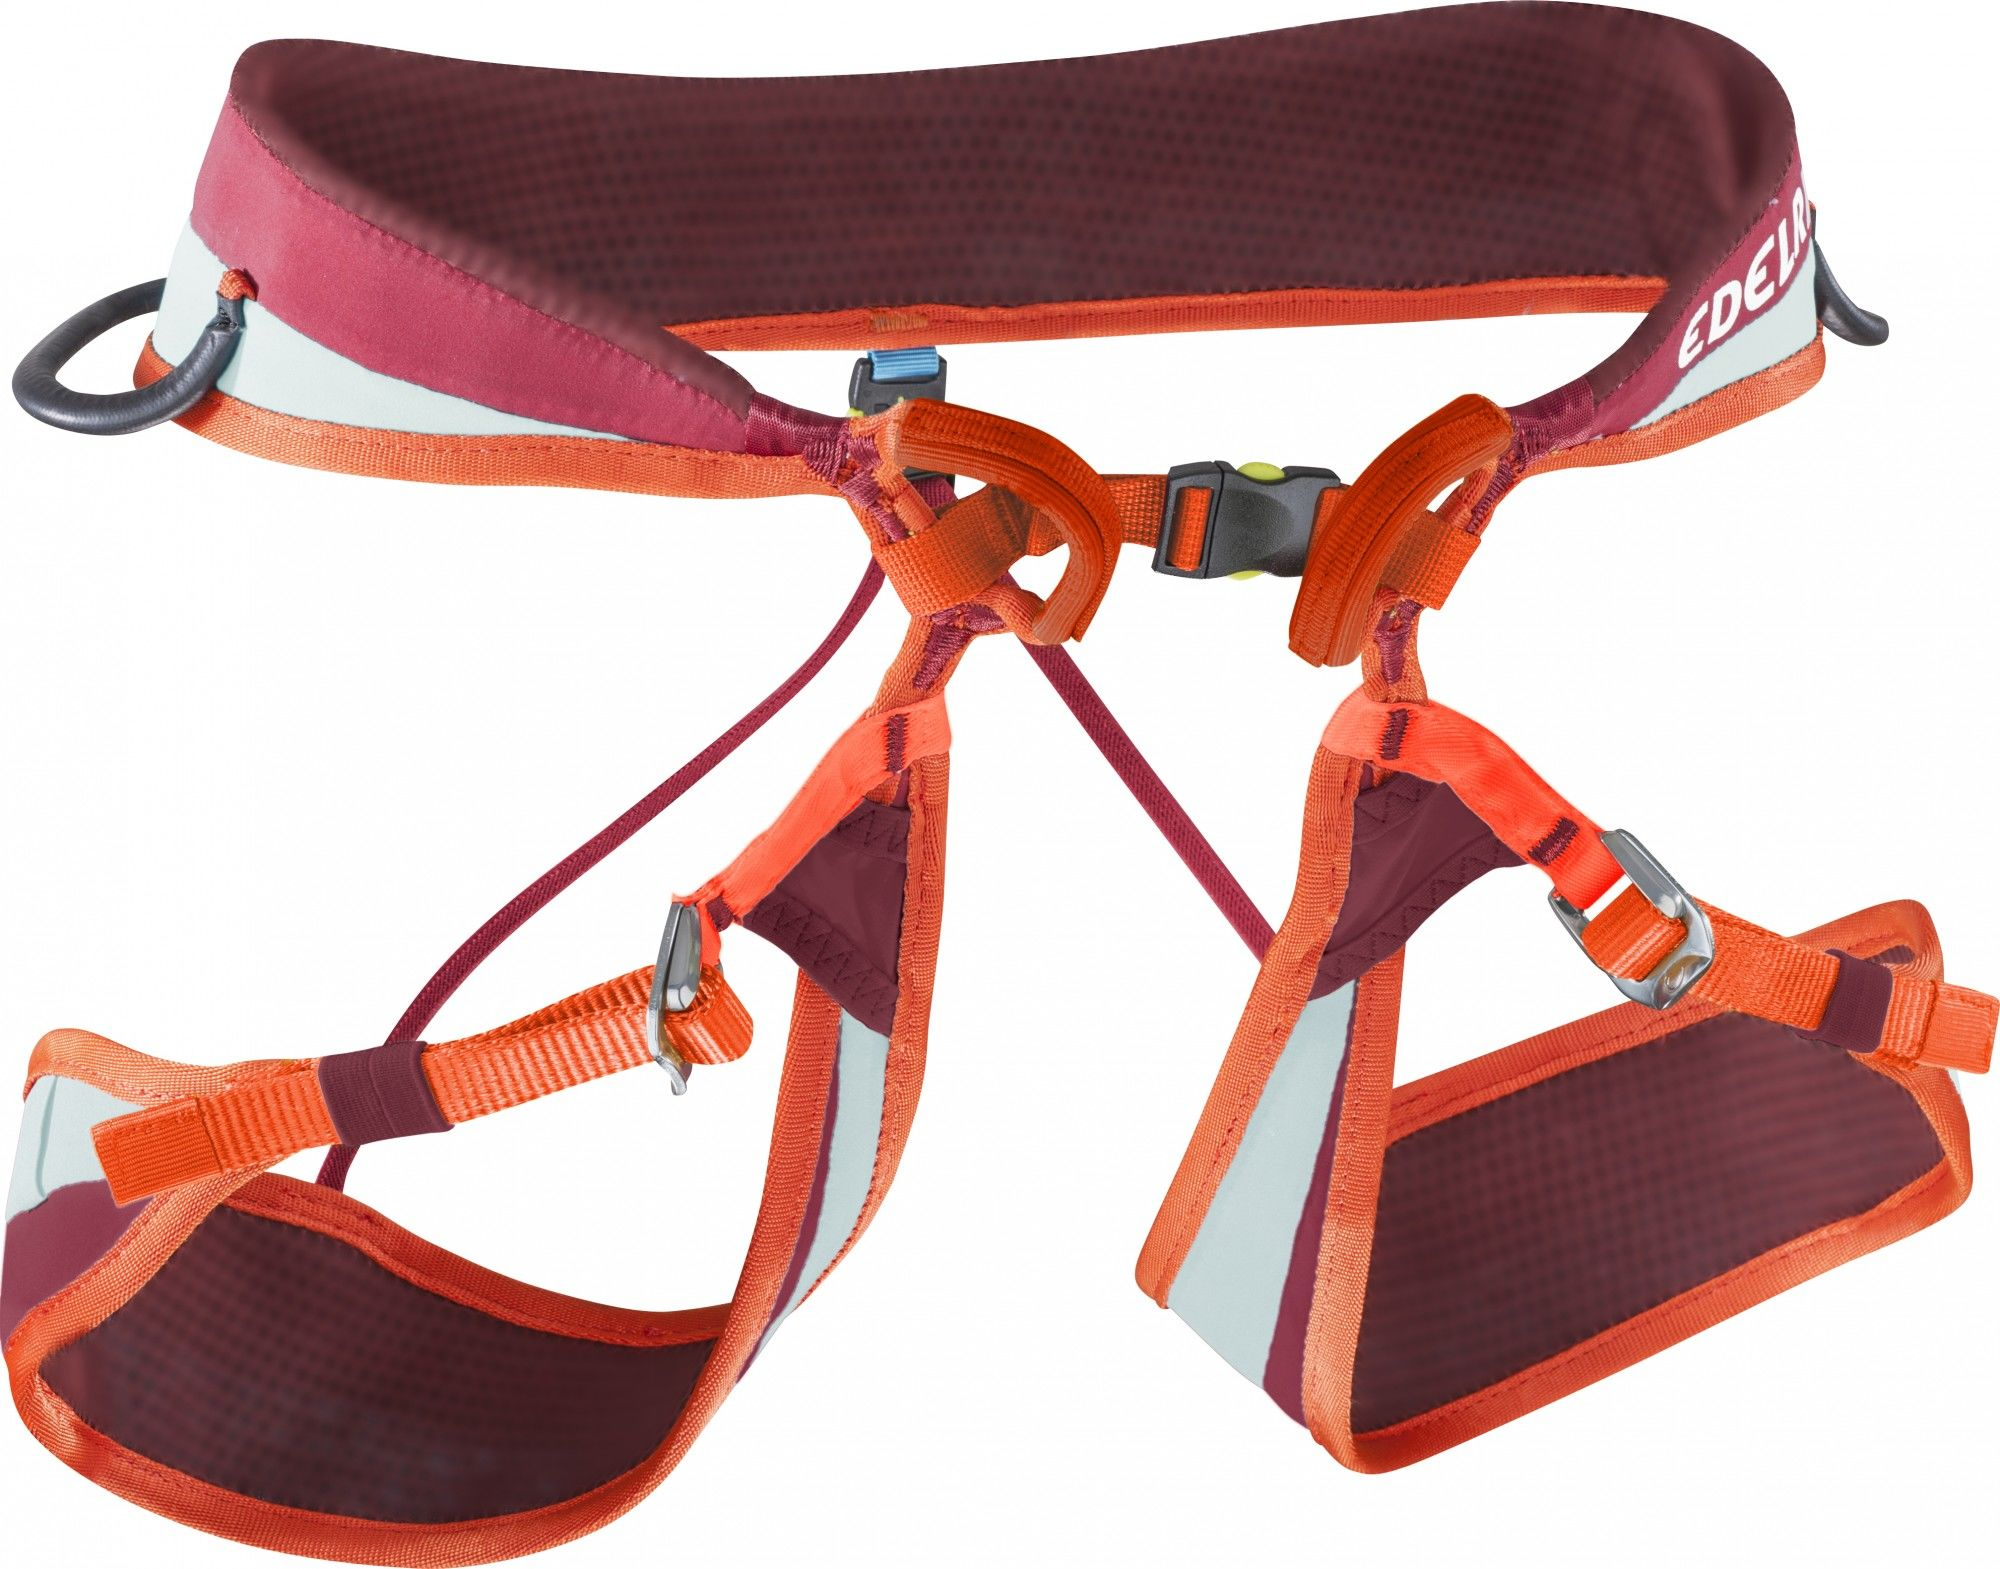 Klettergurt Kind Ab Wann : Ausrüstung für bergsport klettern und outdoor bei klettern.de